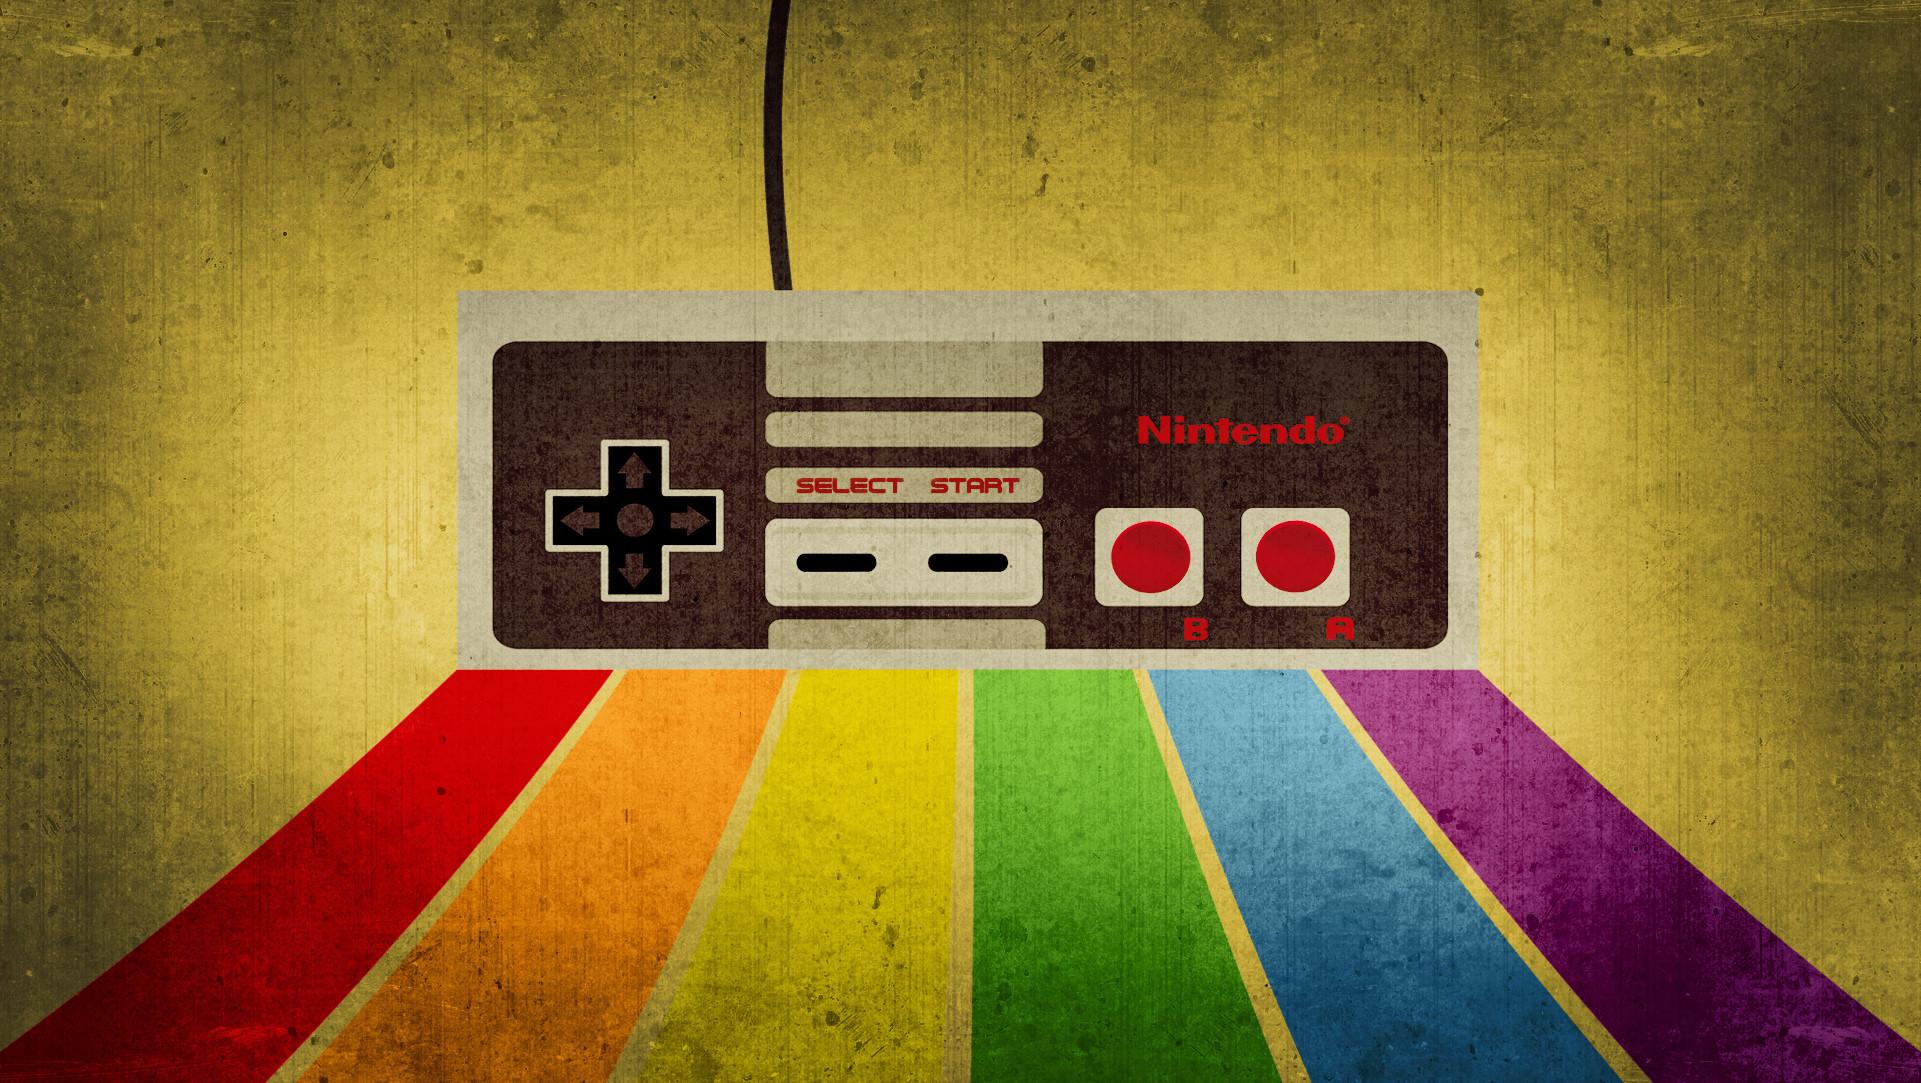 Retro Games Wallpaper Hd 72 Images